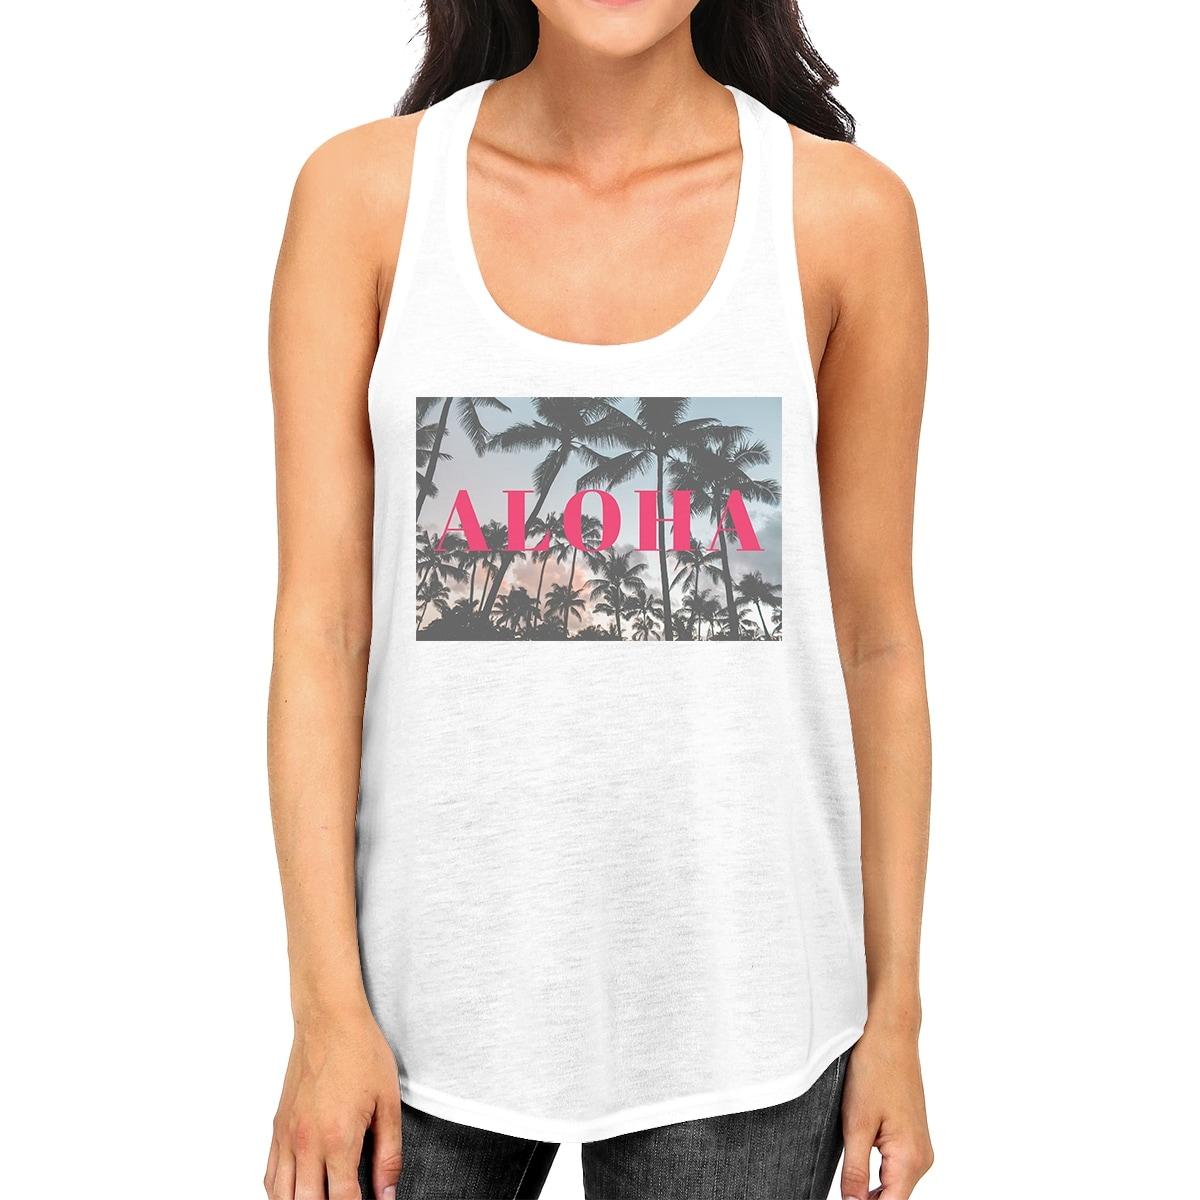 7a83d9cbde8632 Shop Aloha Summer Beach Sunset Womens White Cotton Racerback Tank ...